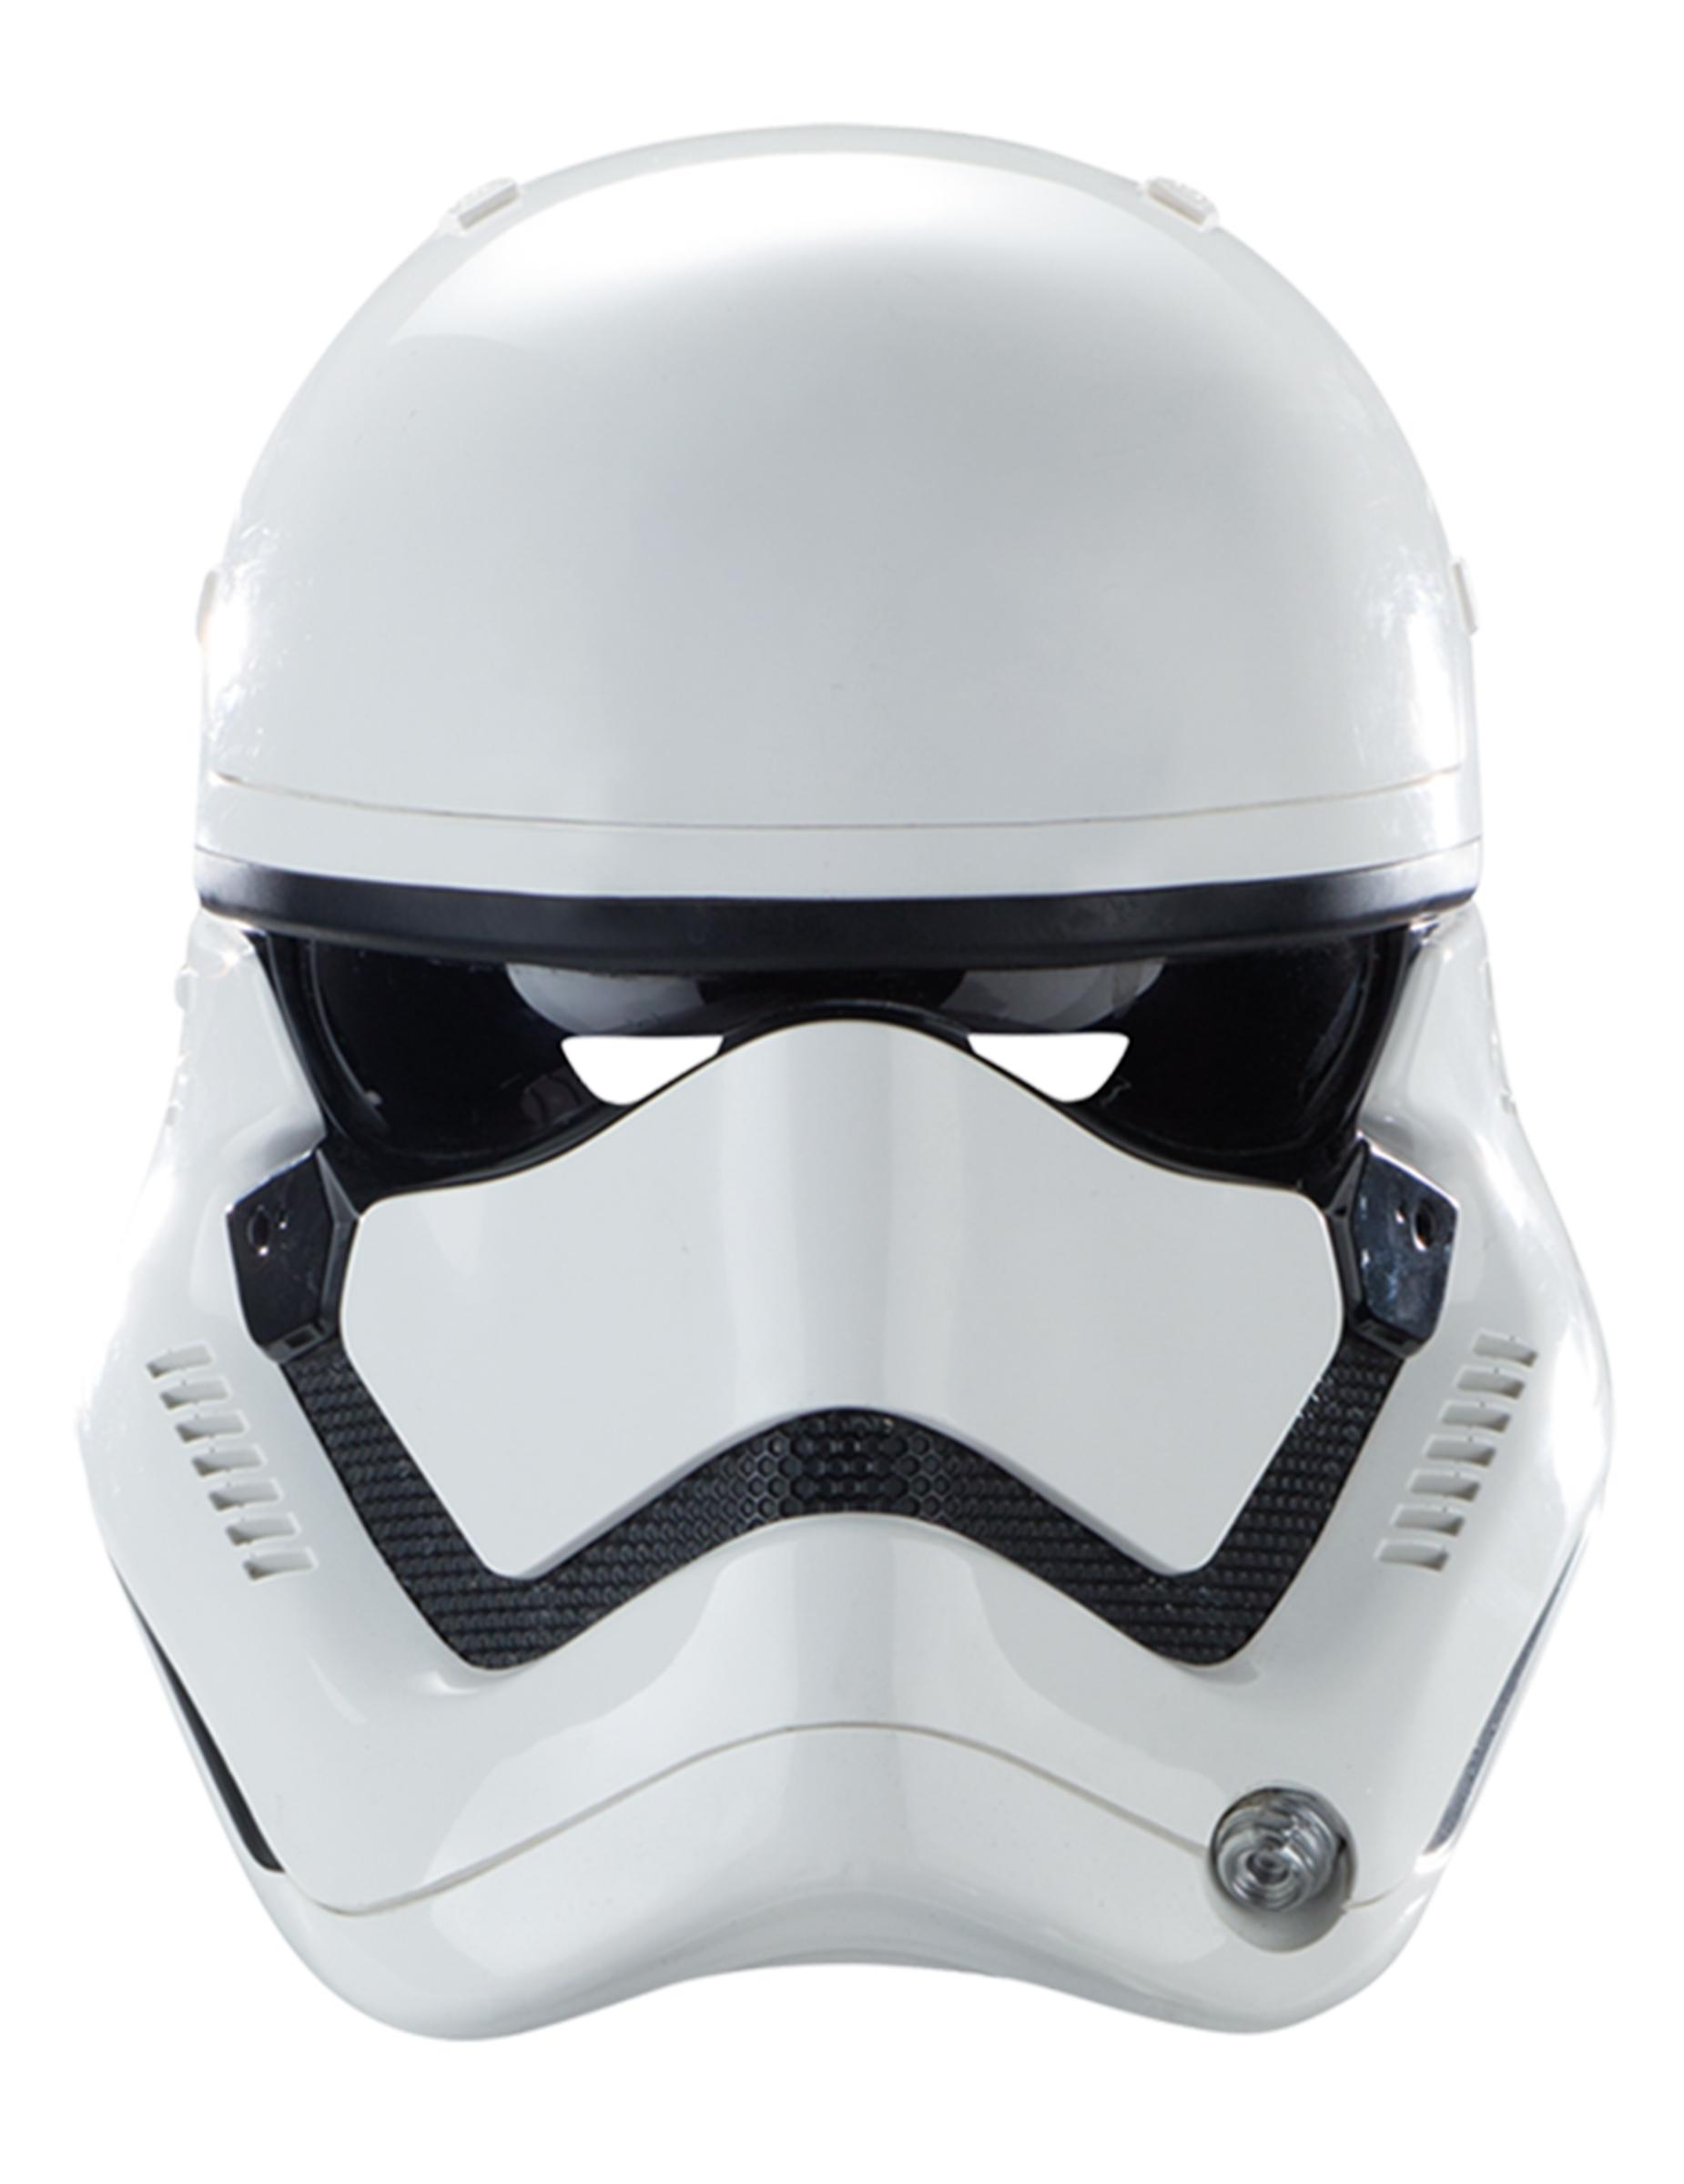 maske stormtrooper aus star wars vii aus pappe. Black Bedroom Furniture Sets. Home Design Ideas